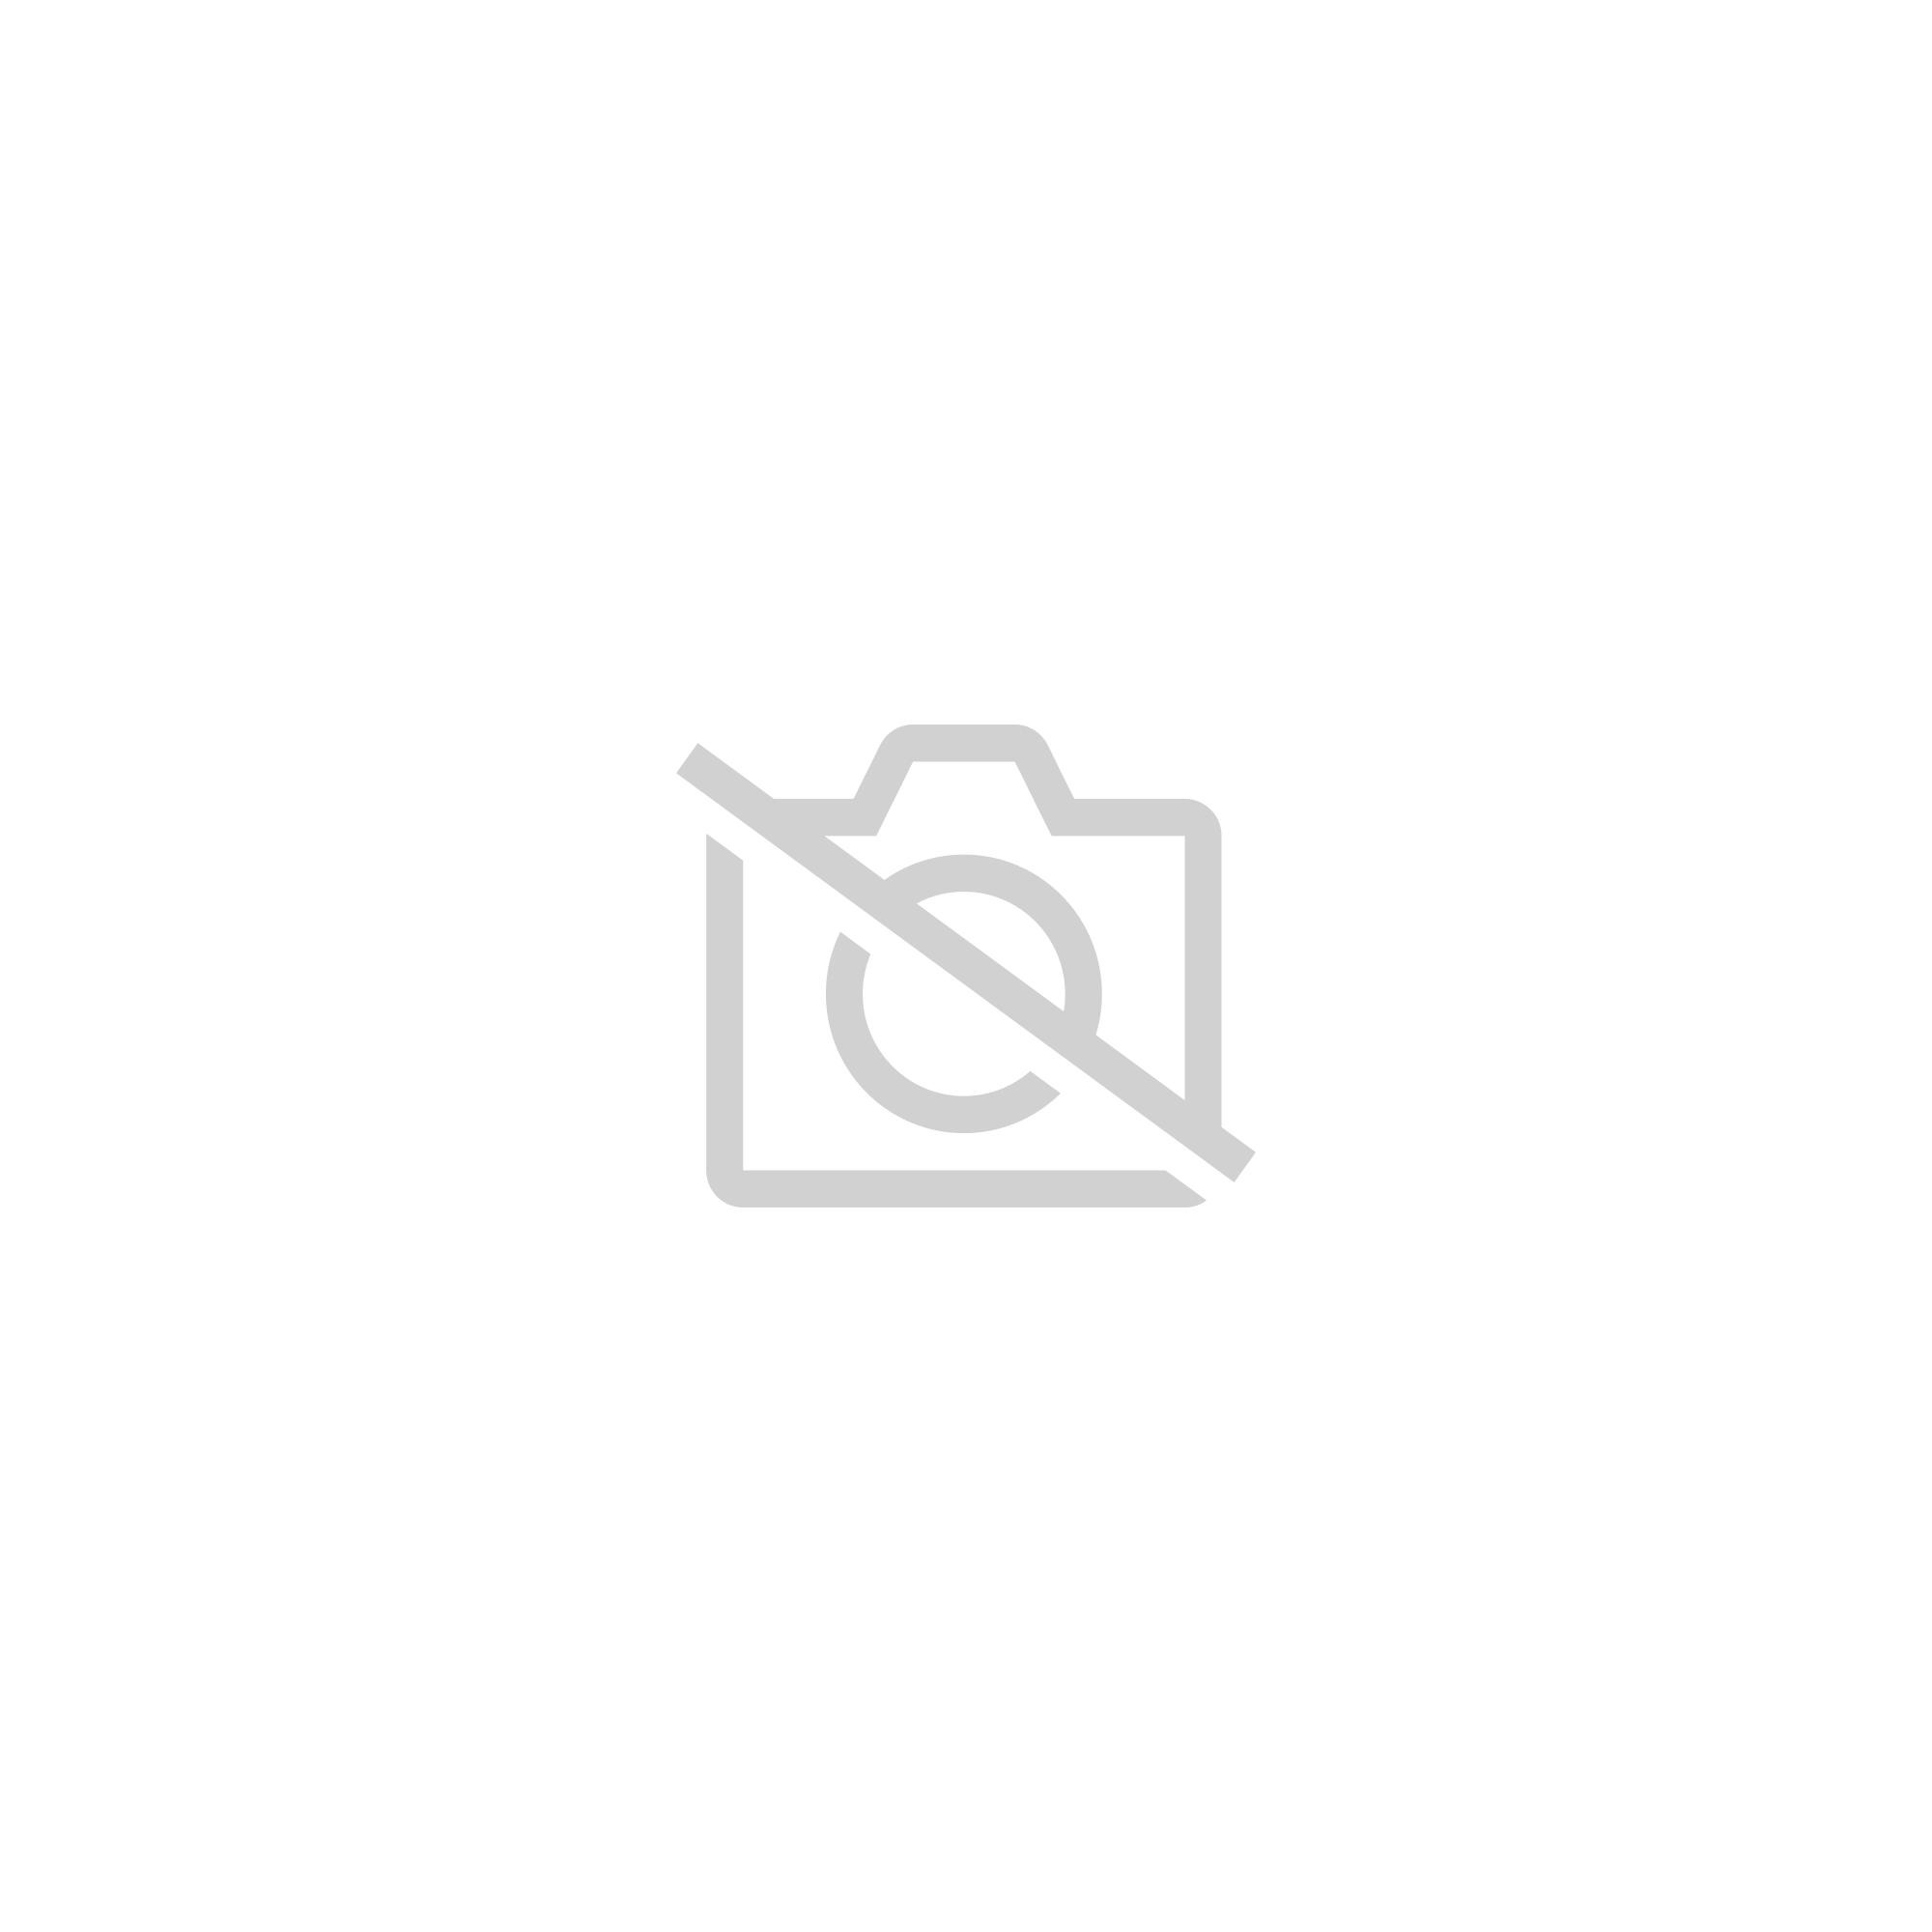 thanos gant : A consulter avant votre achat